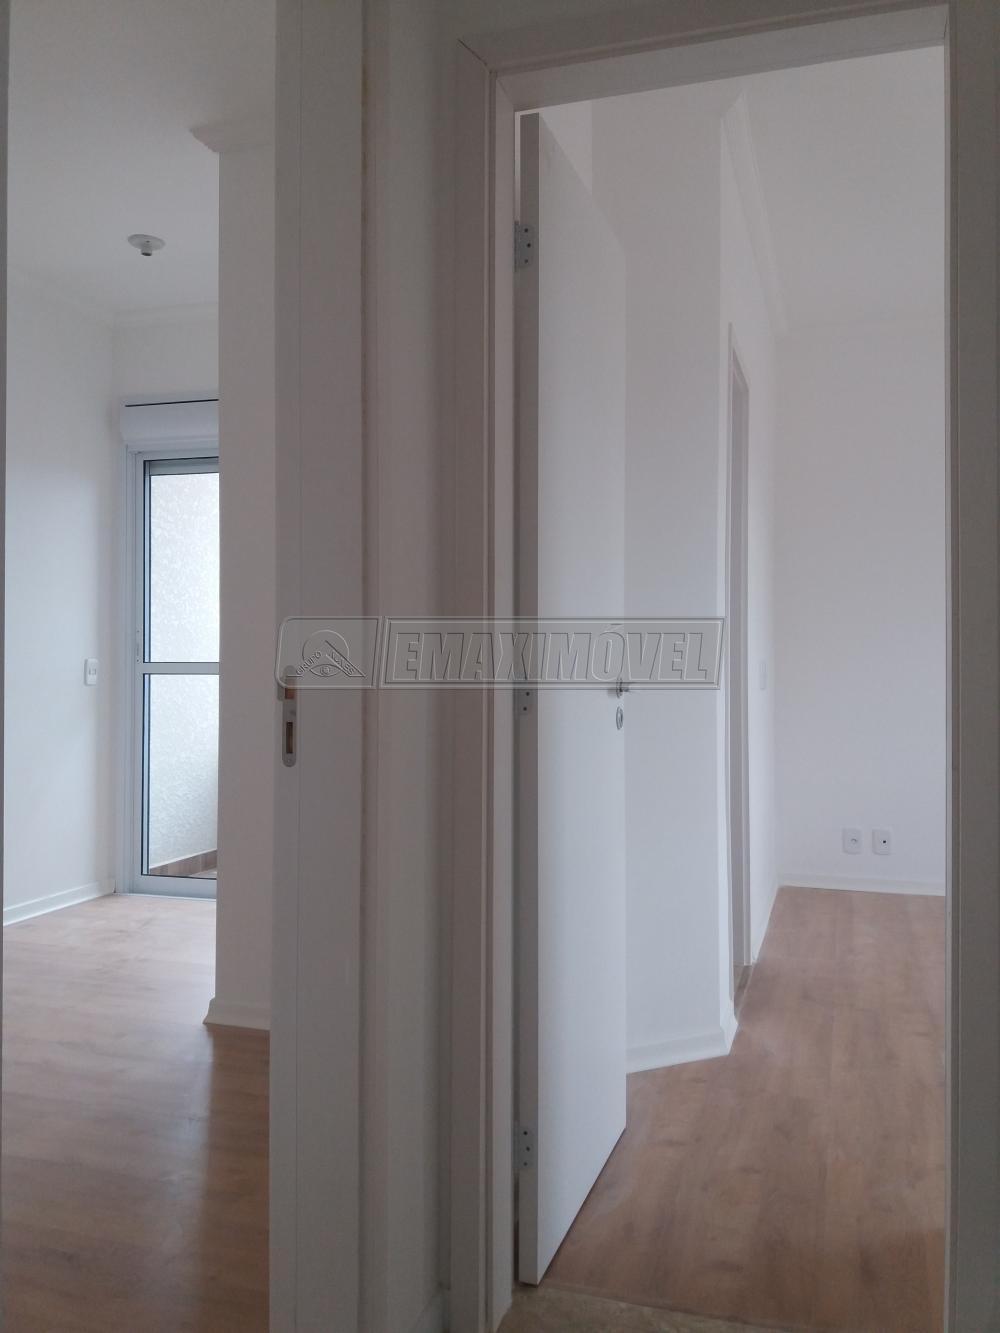 Comprar Apartamentos / Apto Padrão em Sorocaba apenas R$ 535.000,00 - Foto 14